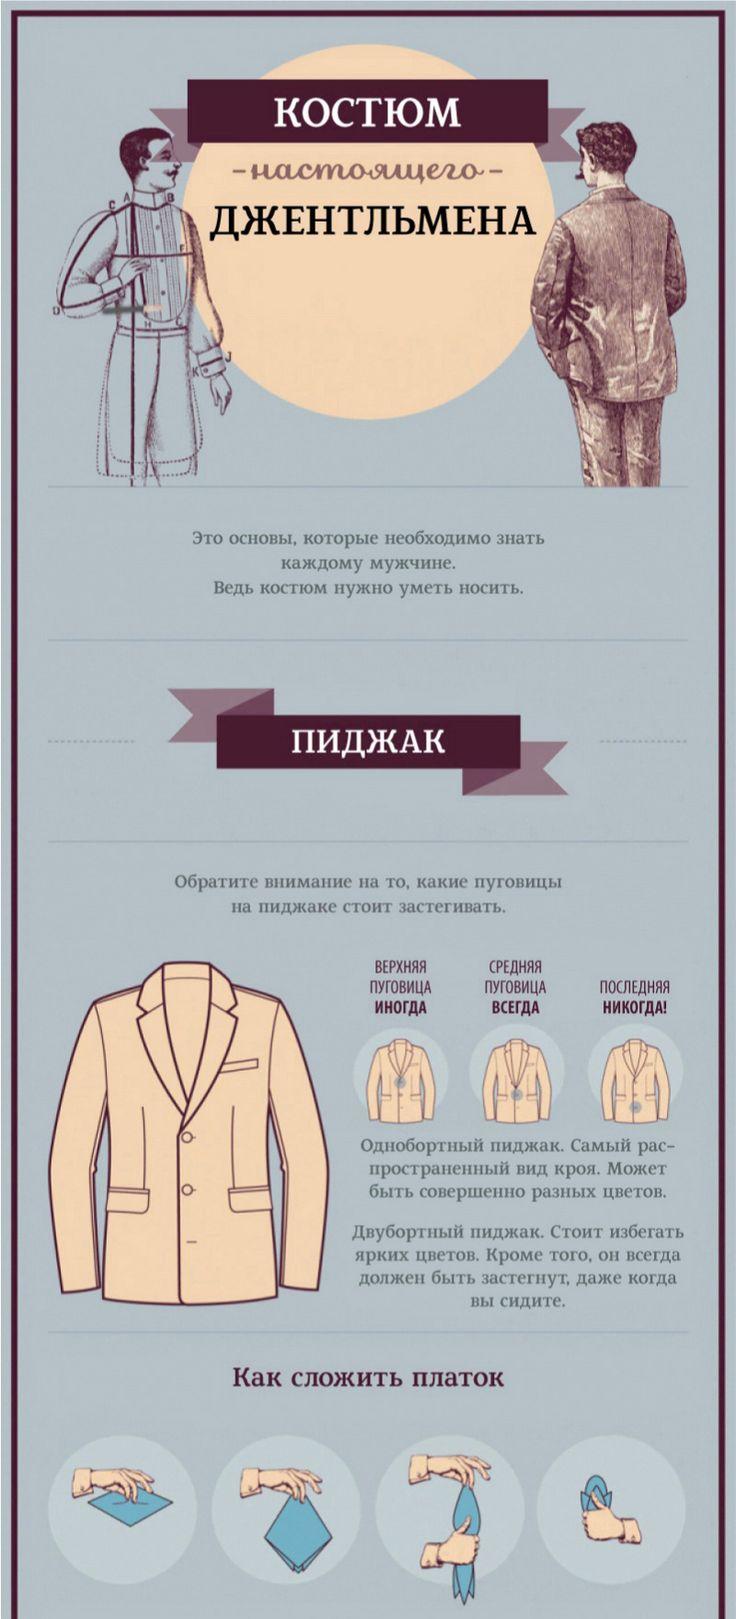 БЛОГ ПОЛЕЗНОСТЕЙ: Гид по мужскому стилю: 15 правил, которые стоит зн...